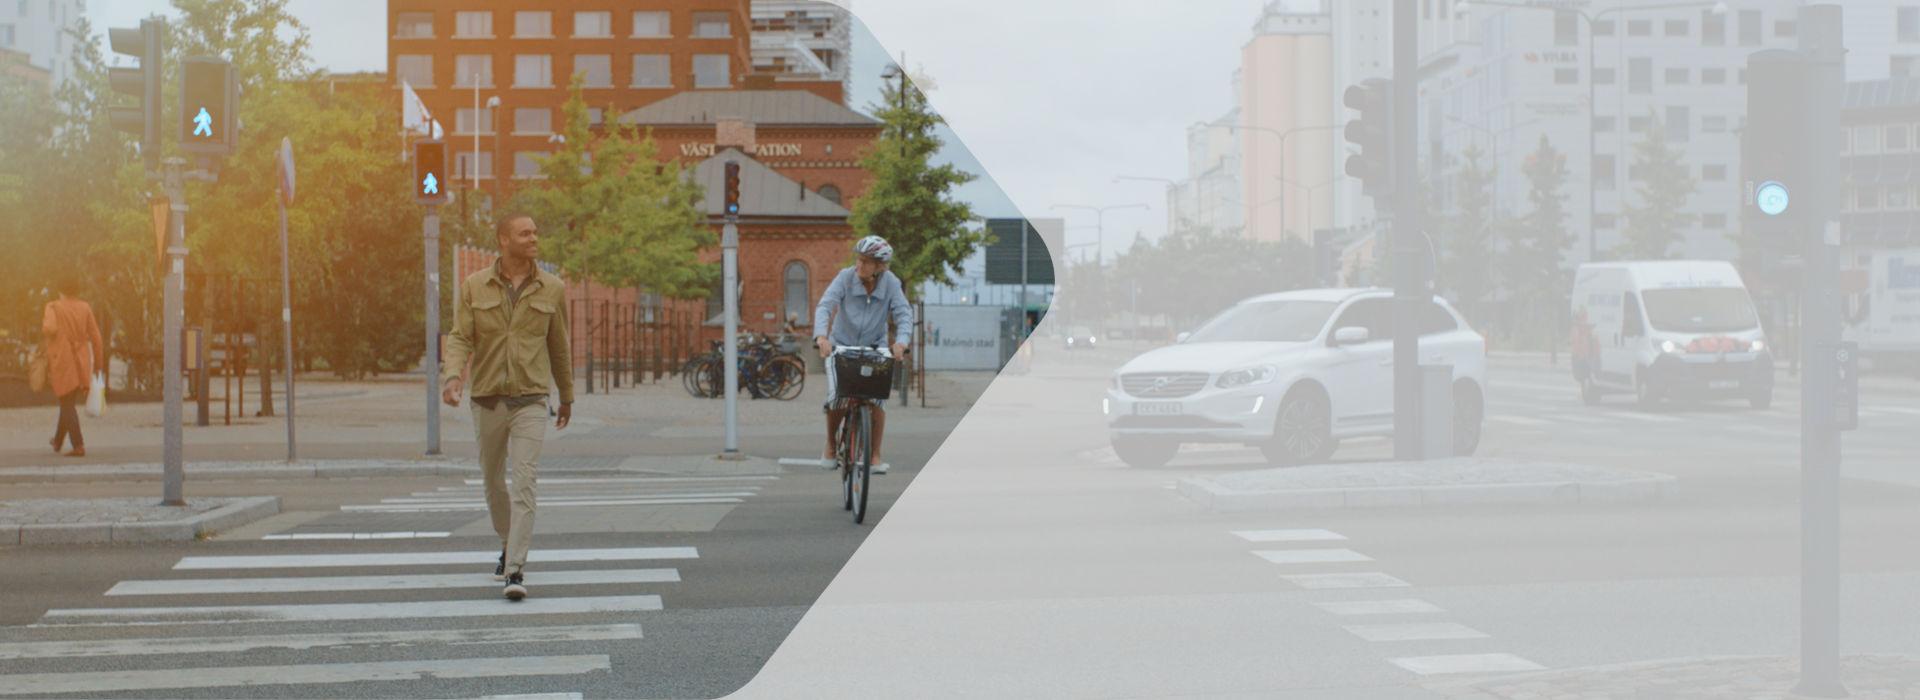 Stadstrafikledning